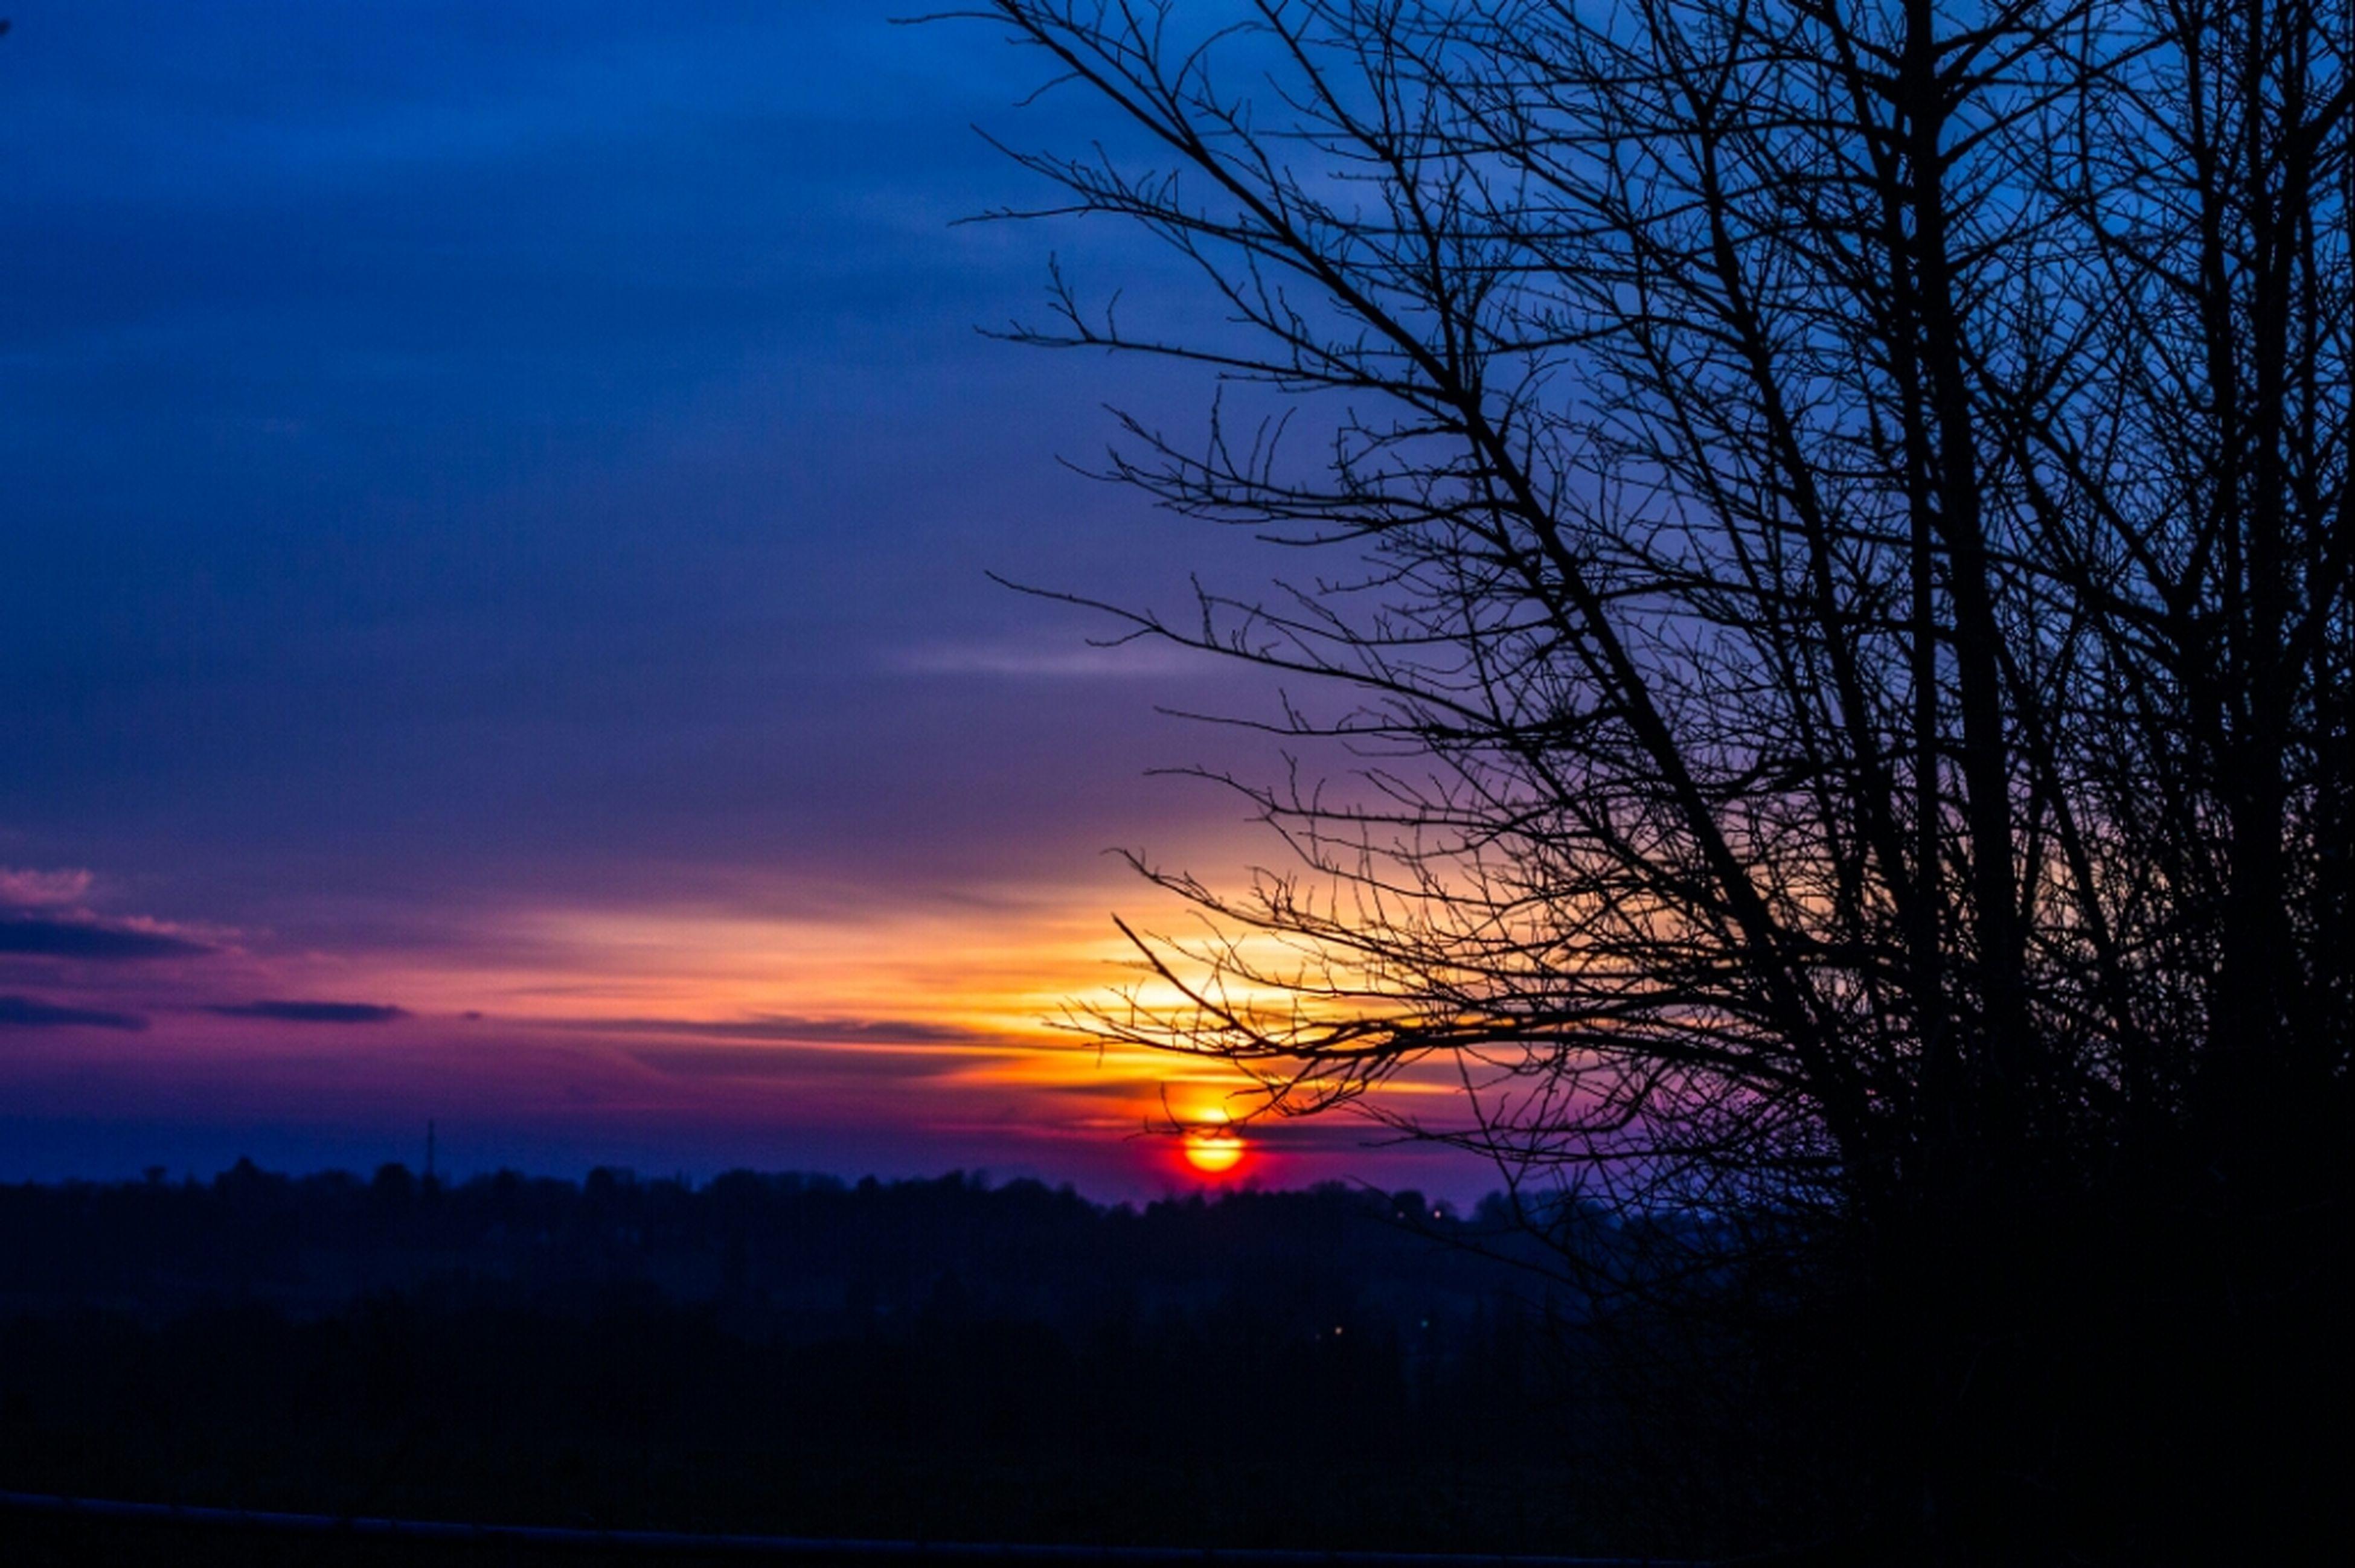 sunset, silhouette, tranquil scene, scenics, tranquility, beauty in nature, sky, sun, tree, orange color, nature, idyllic, bare tree, cloud - sky, landscape, sunlight, dark, majestic, cloud, dramatic sky